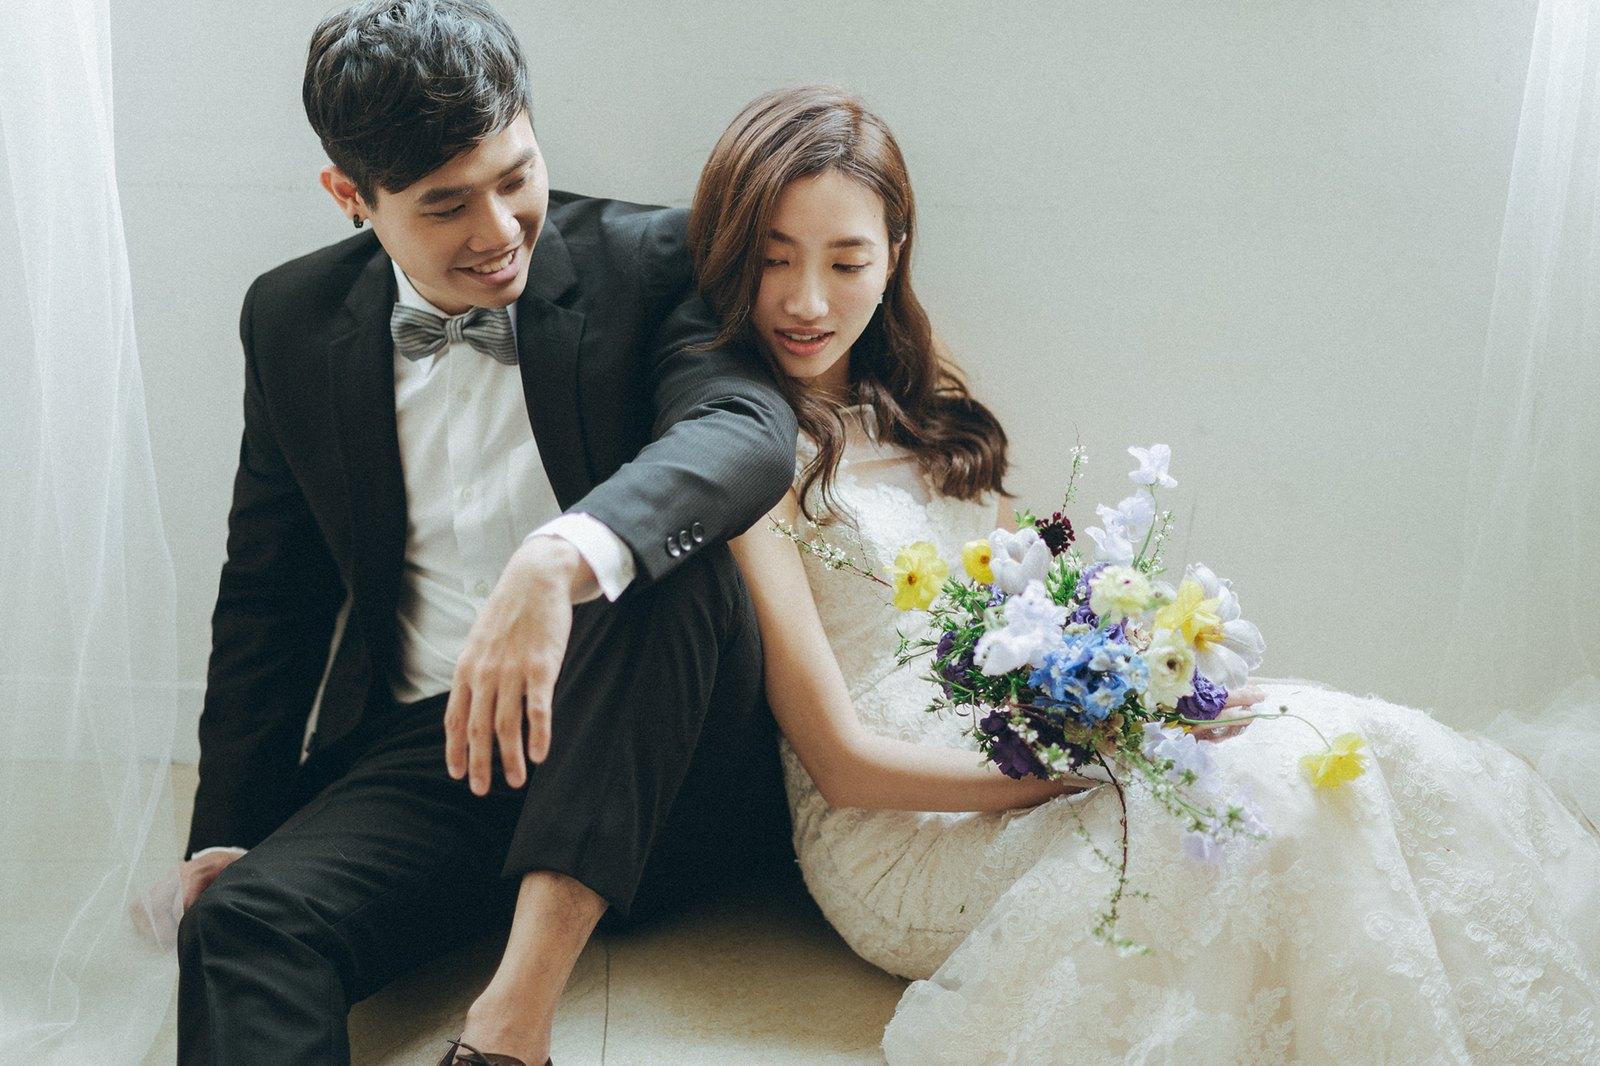 【婚紗】Rei & John / 婚紗意象 / F&P studio